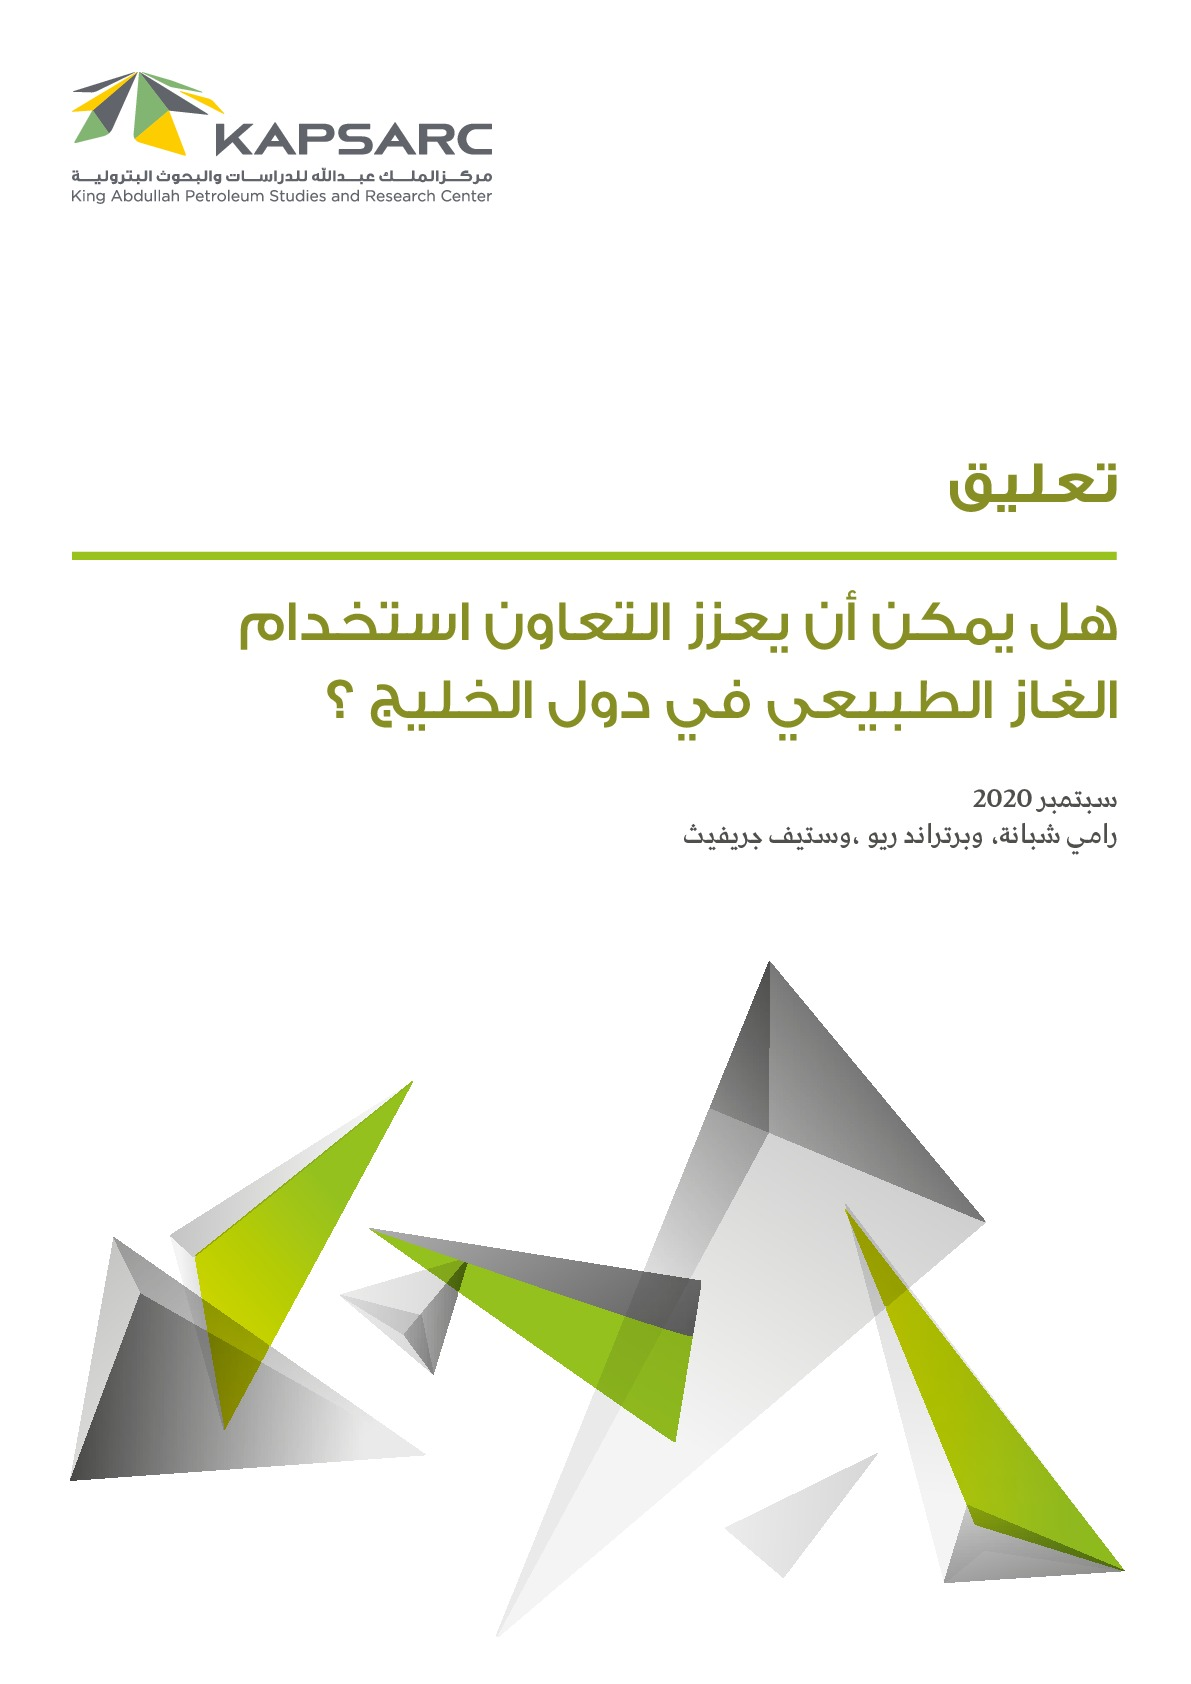 هل يمكن أن يعزز التعاون استخدام الغاز الطبيعي في دول الخليج؟